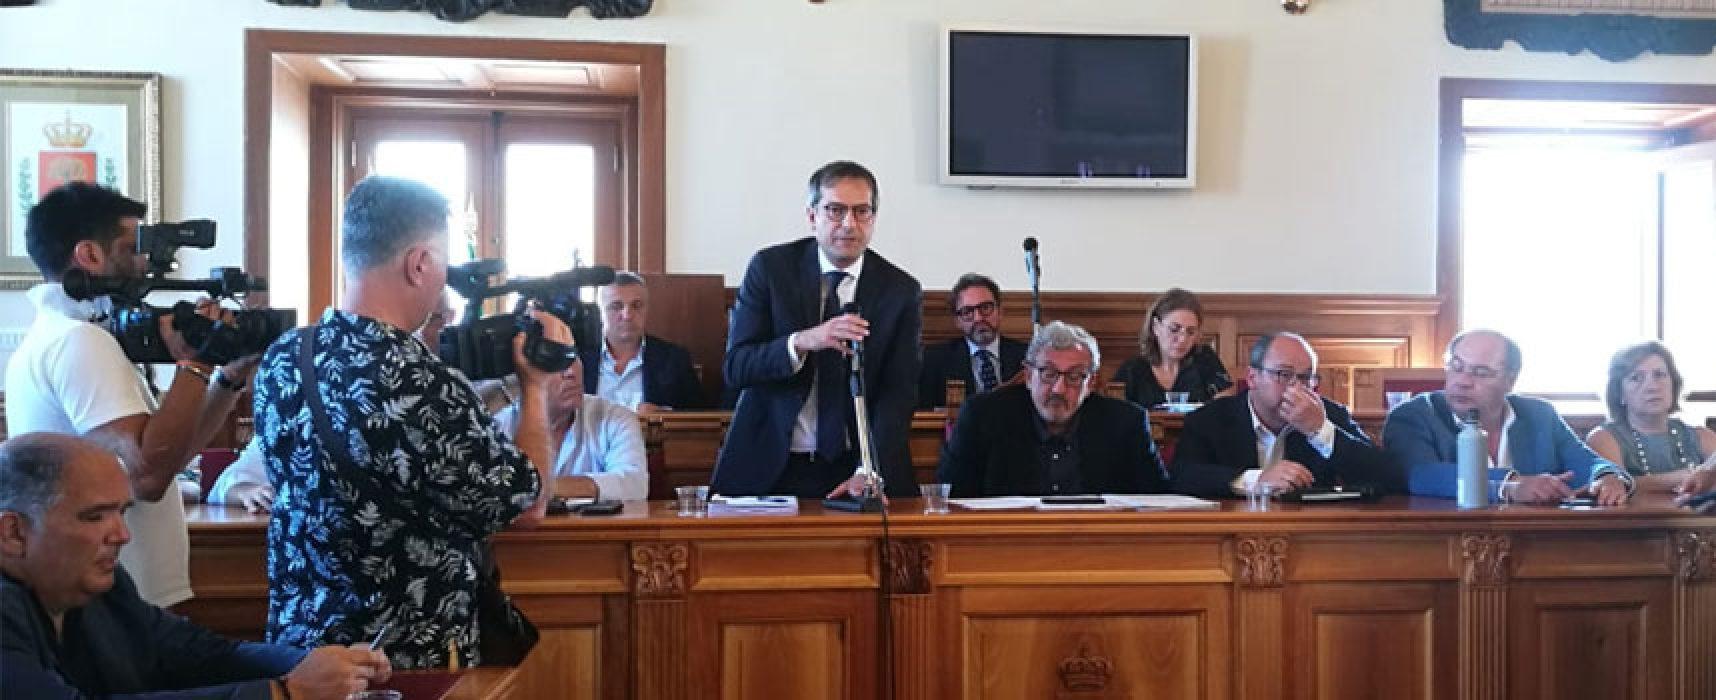 Approvato documento congiunto in consiglio comunale, marcia pro-Ospedale sospesa